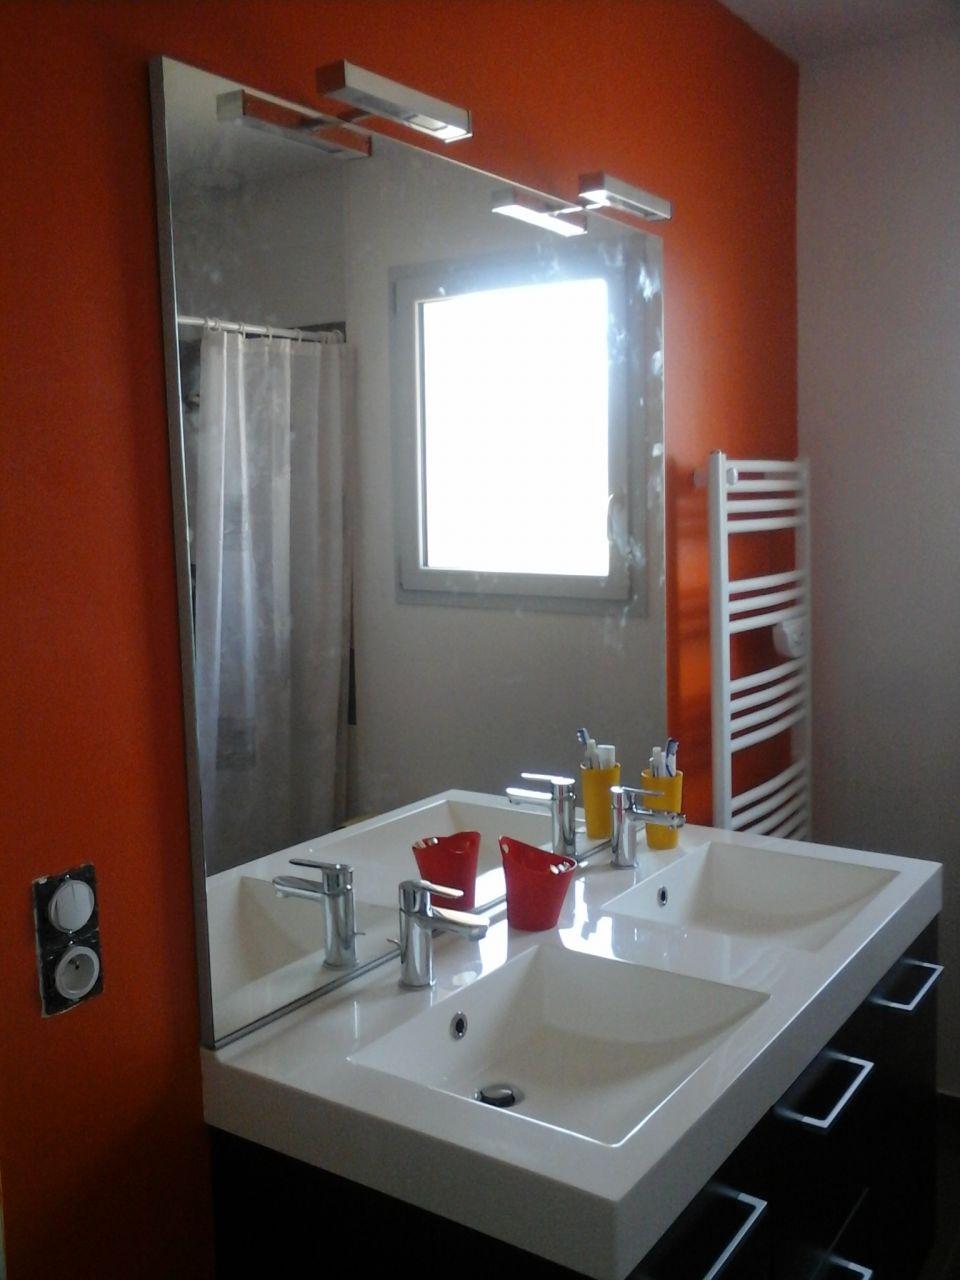 fin d'installation du meuble salle d'eau